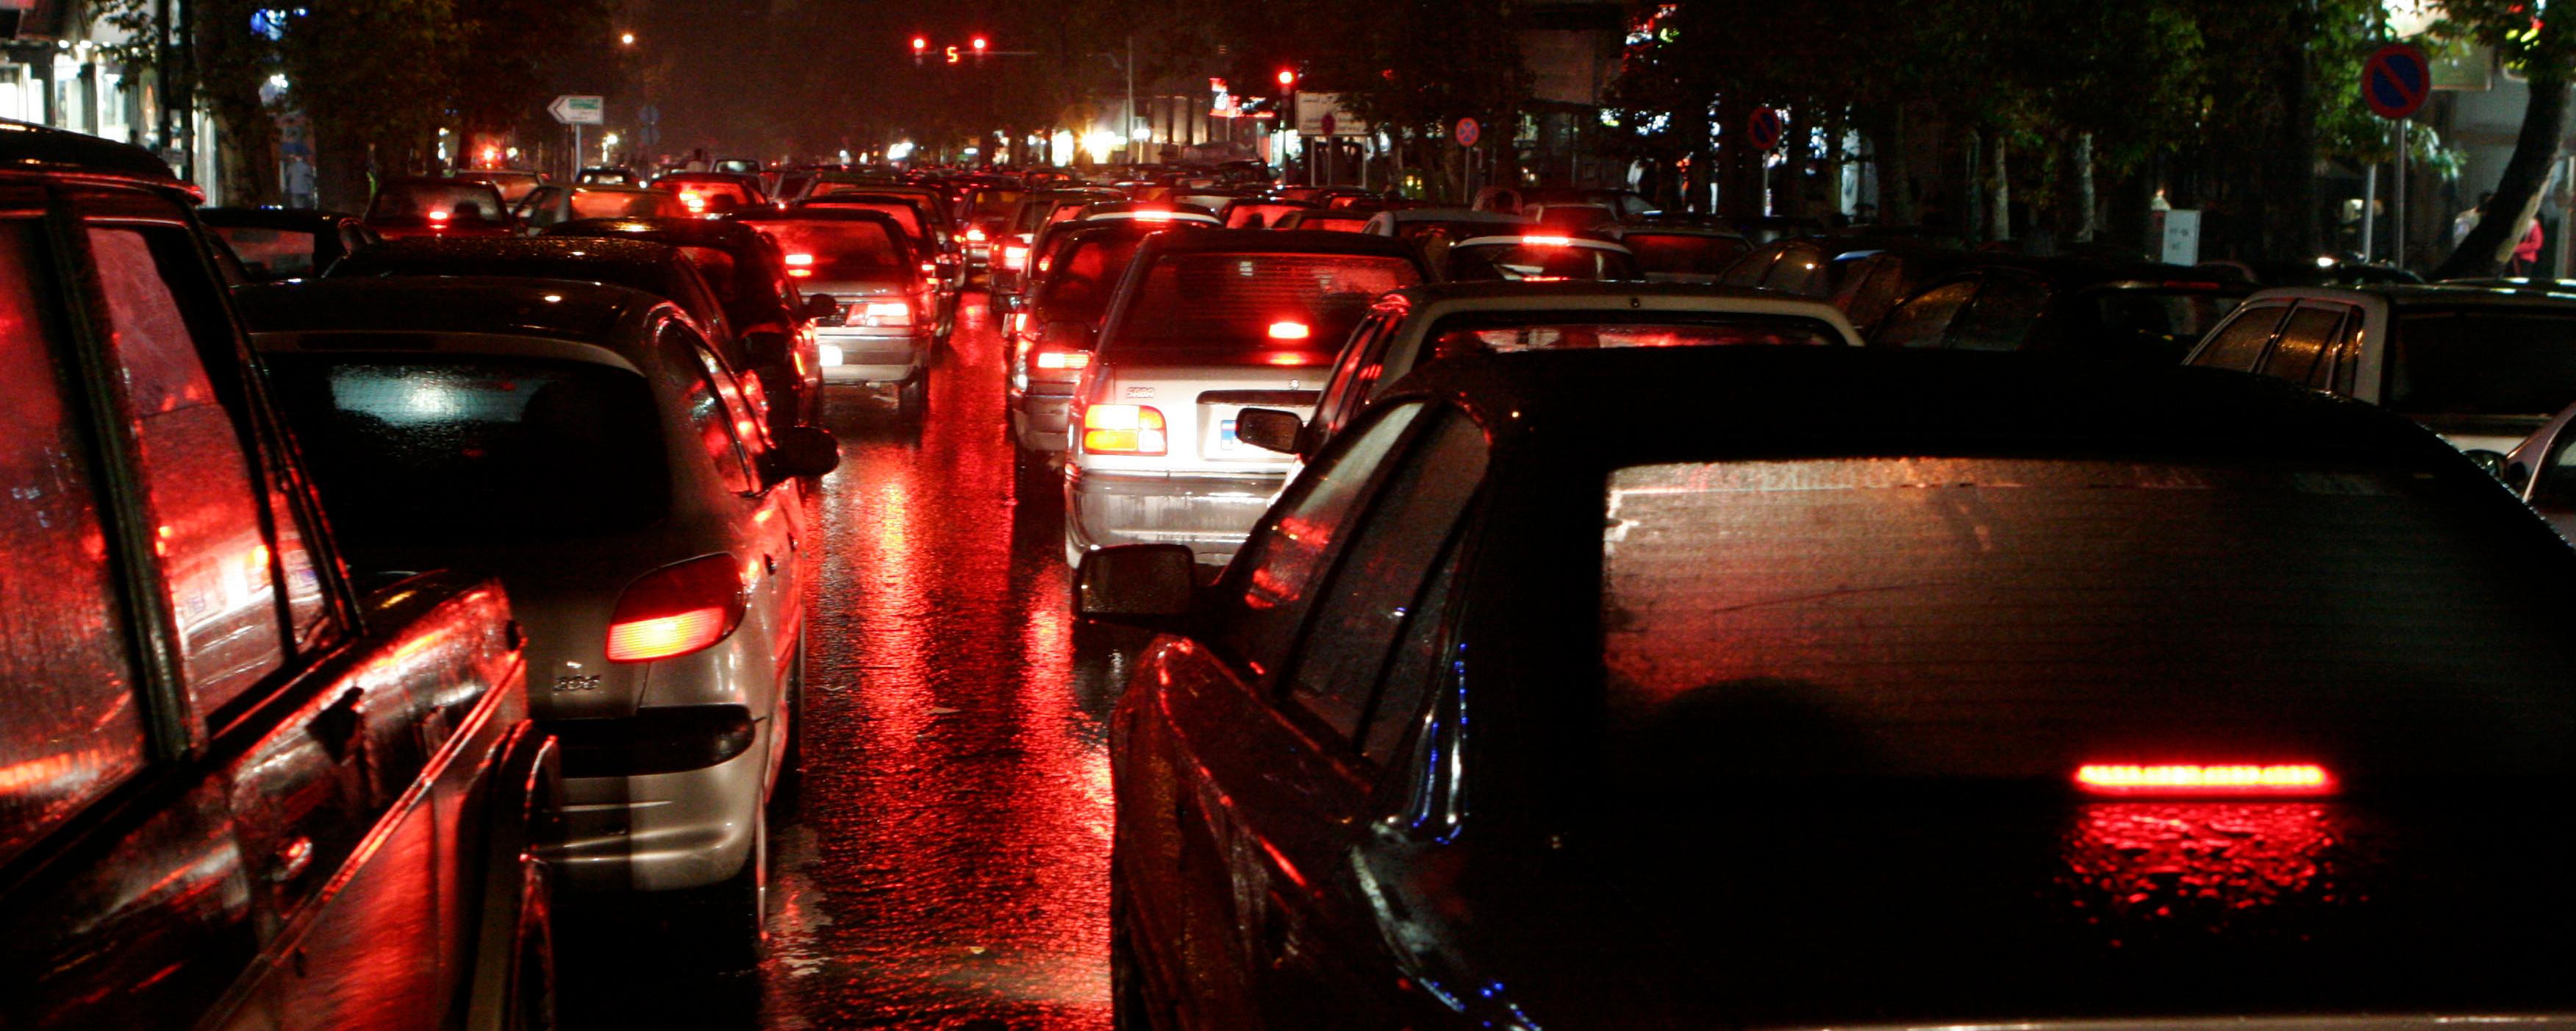 هجوم اوهام در یک نیمه شب بارانی